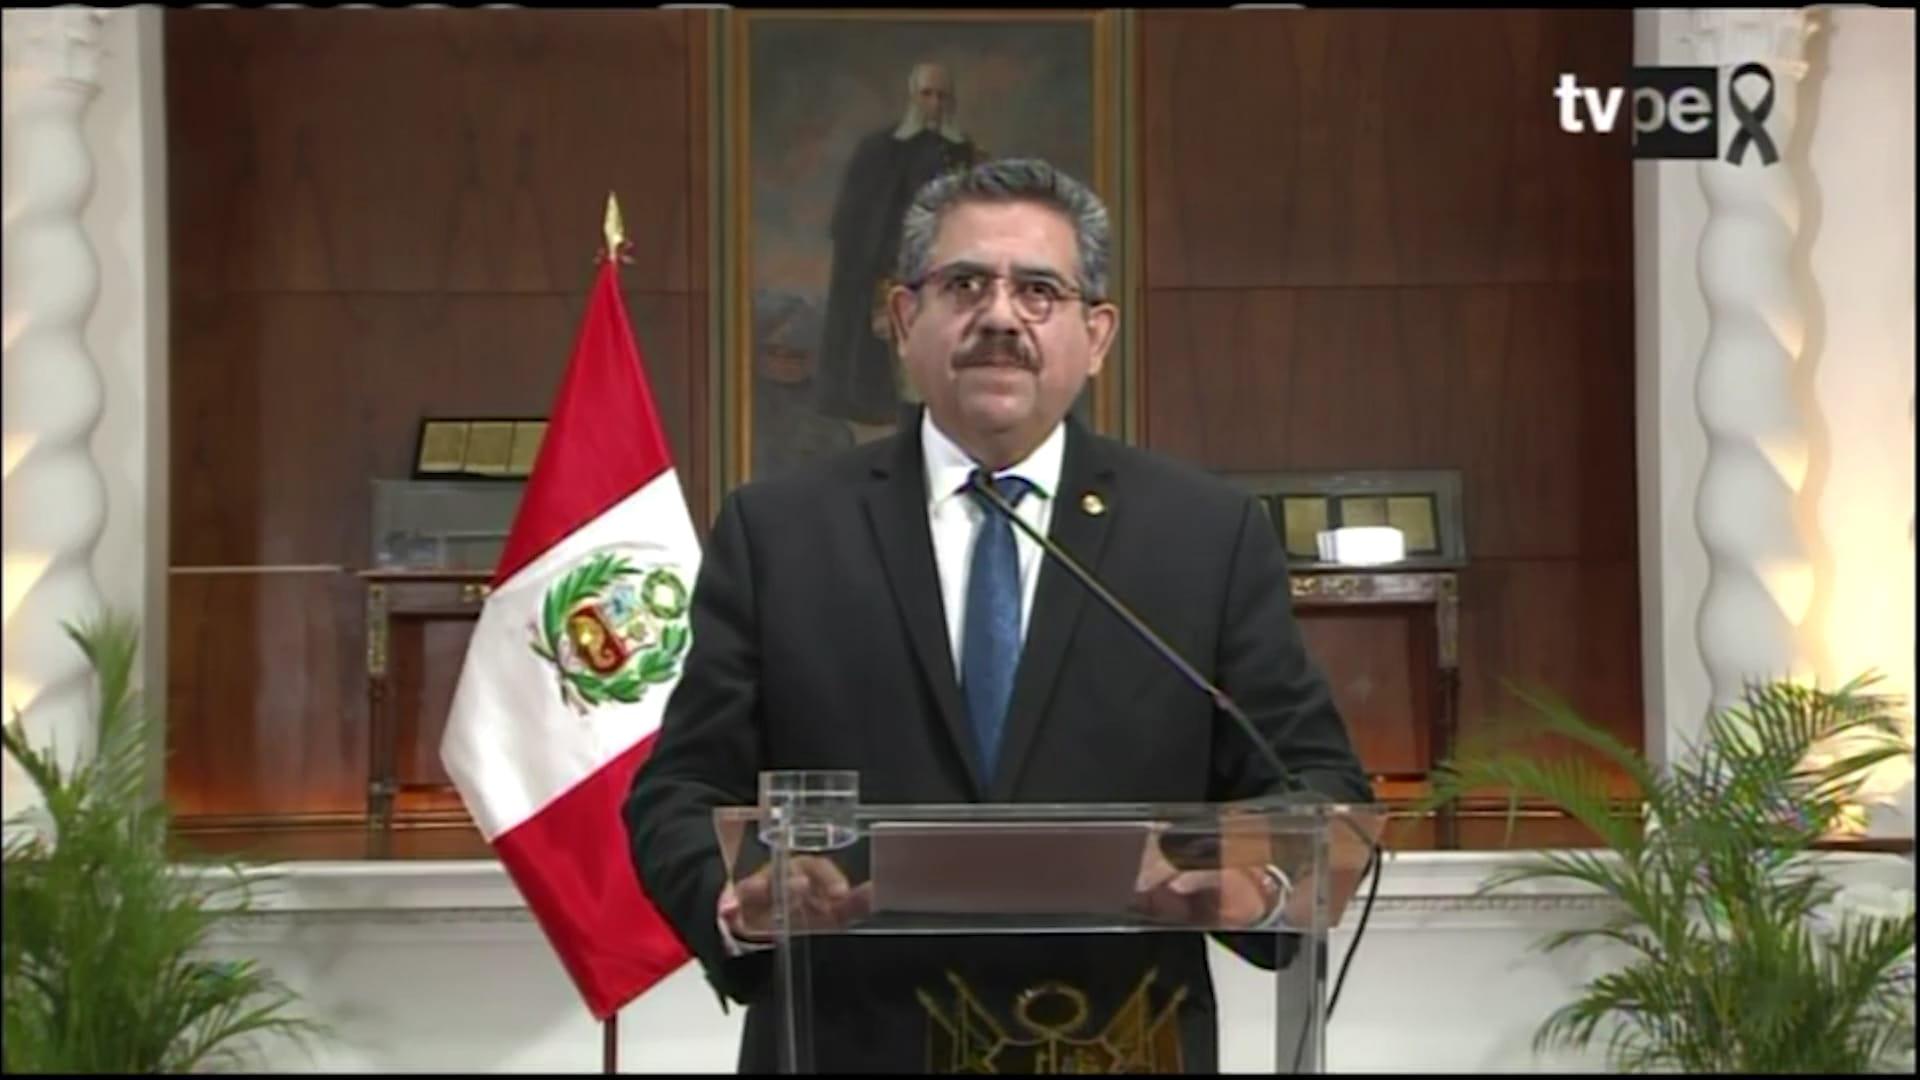 بعد 5 أيام فقط من توليه المنصب.. رئيس بيرو يقدم استقالته